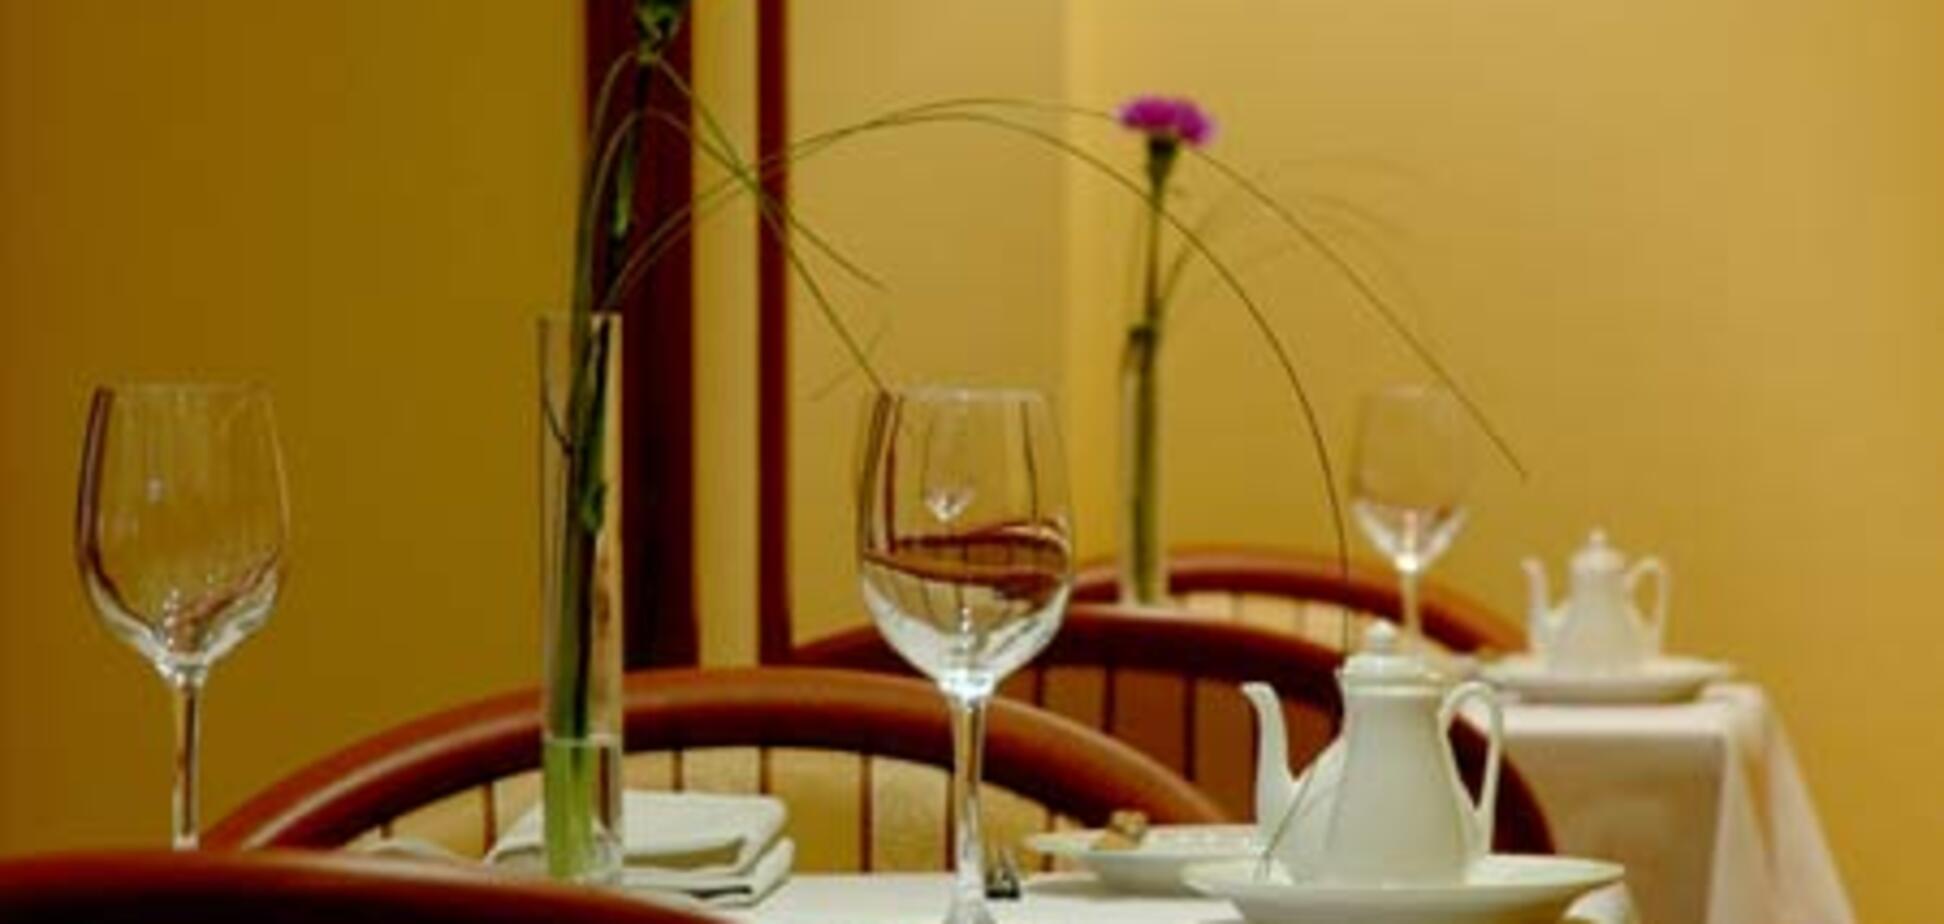 Американский ресторан ограбили трижды за четыре дня